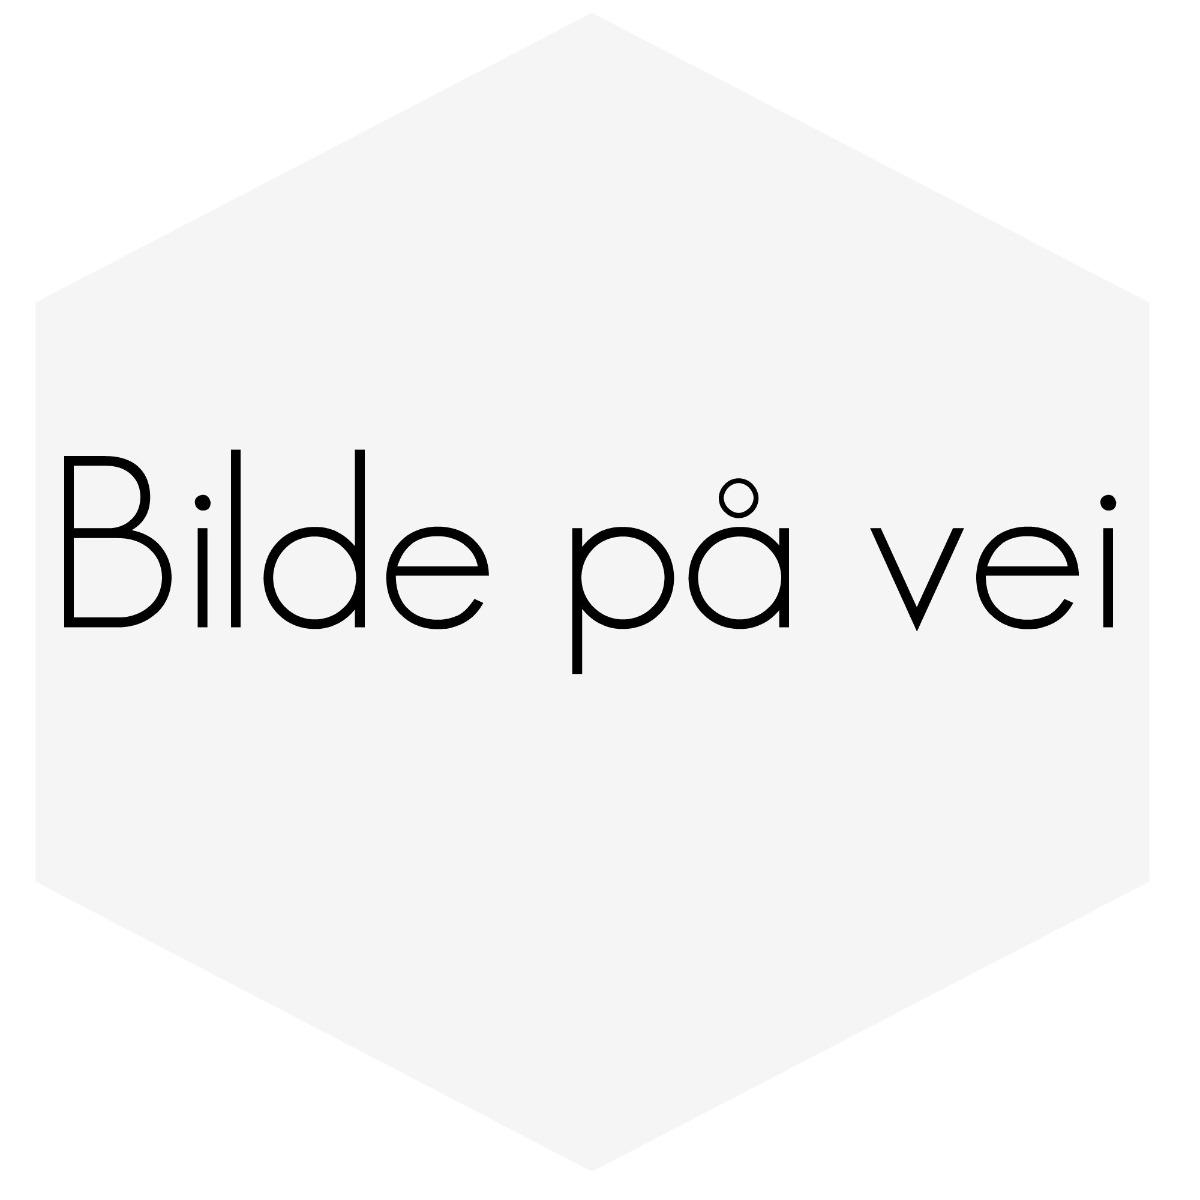 FORING/SKIVE PÅ TOPPEN AV FJÆRBEN ,SISTE FØR MUTTER